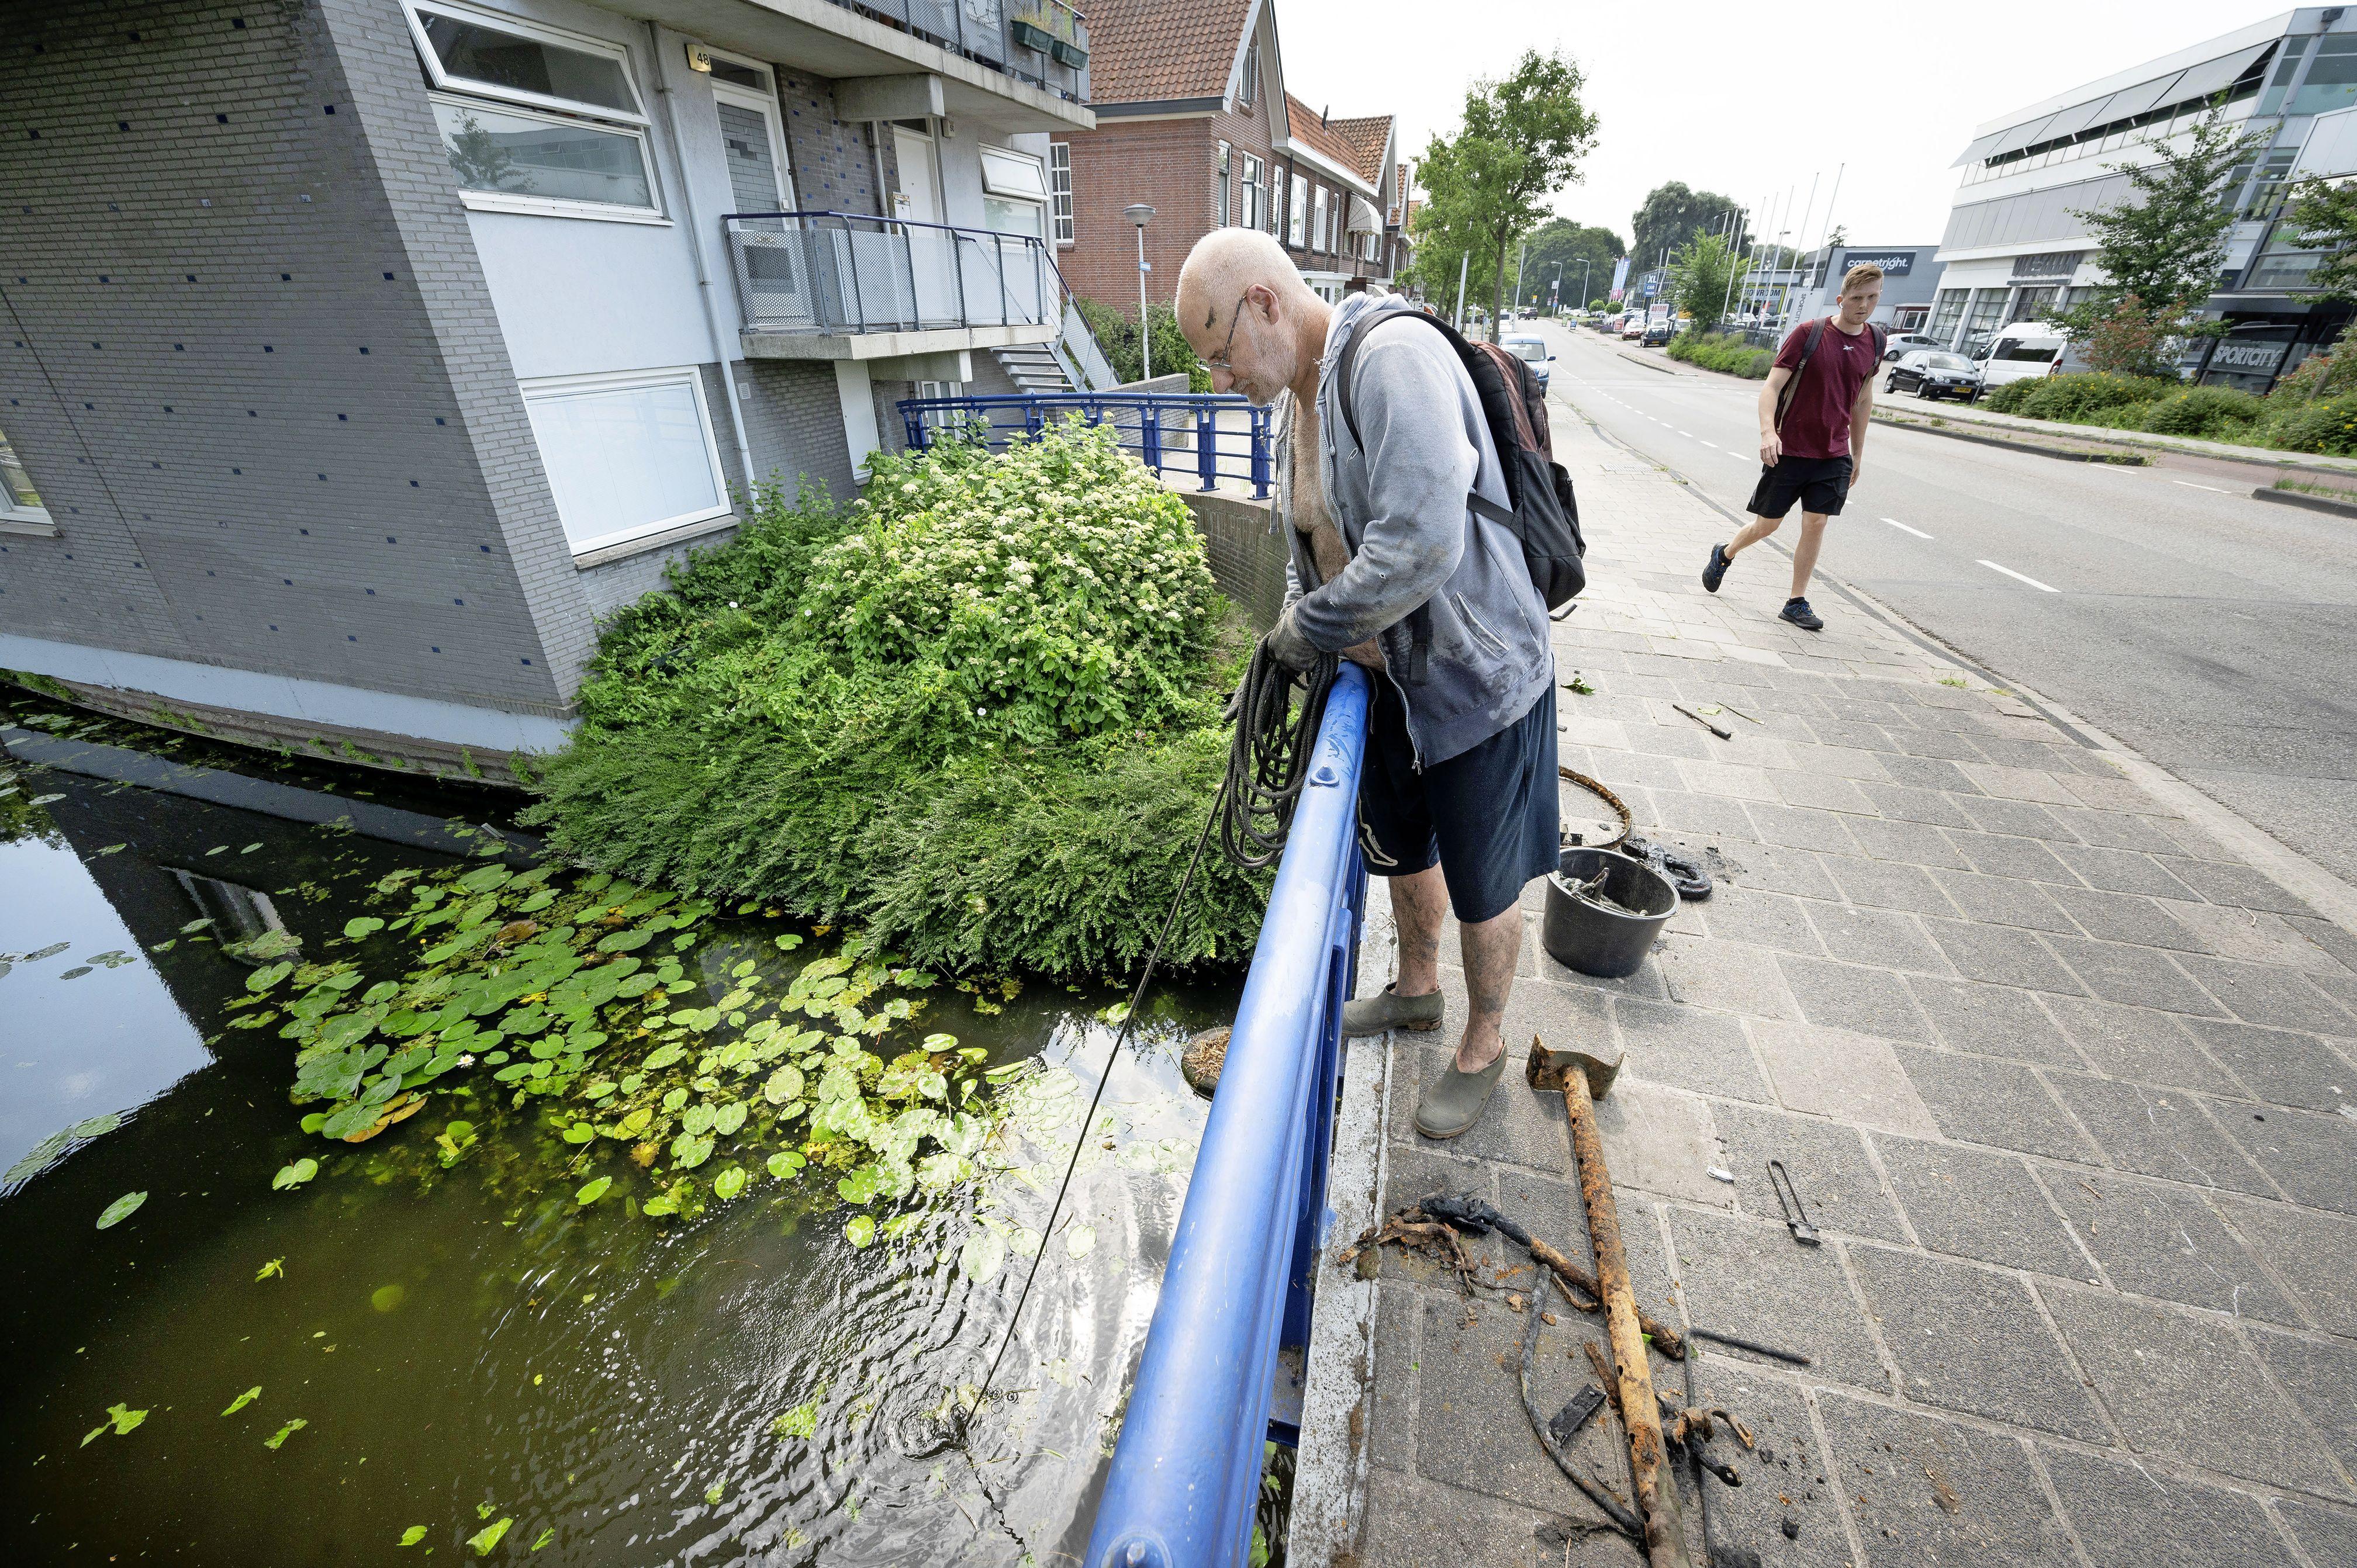 Delftse magneetvisser op bezoek in Leiden: 'Honderden kilo's ijzer op een dag, daar verdien je toch een aardig zakcentje mee'